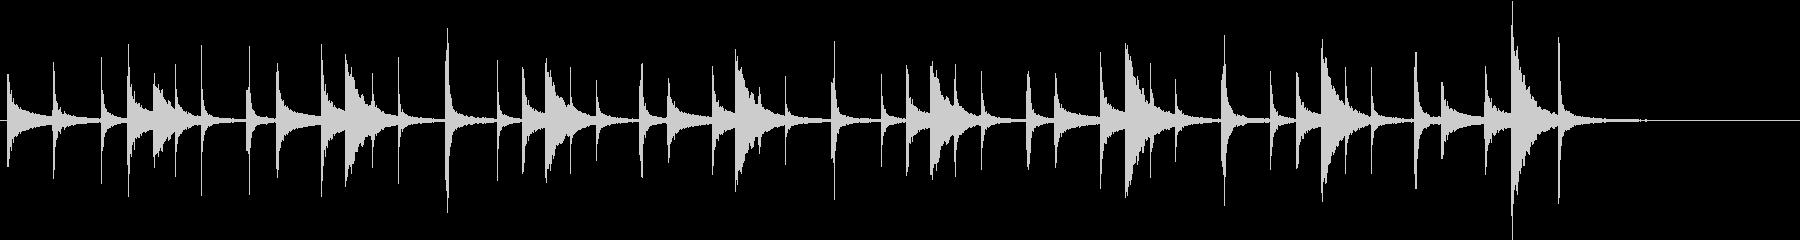 ティンバリ:ウッドブロックとカウベ...の未再生の波形